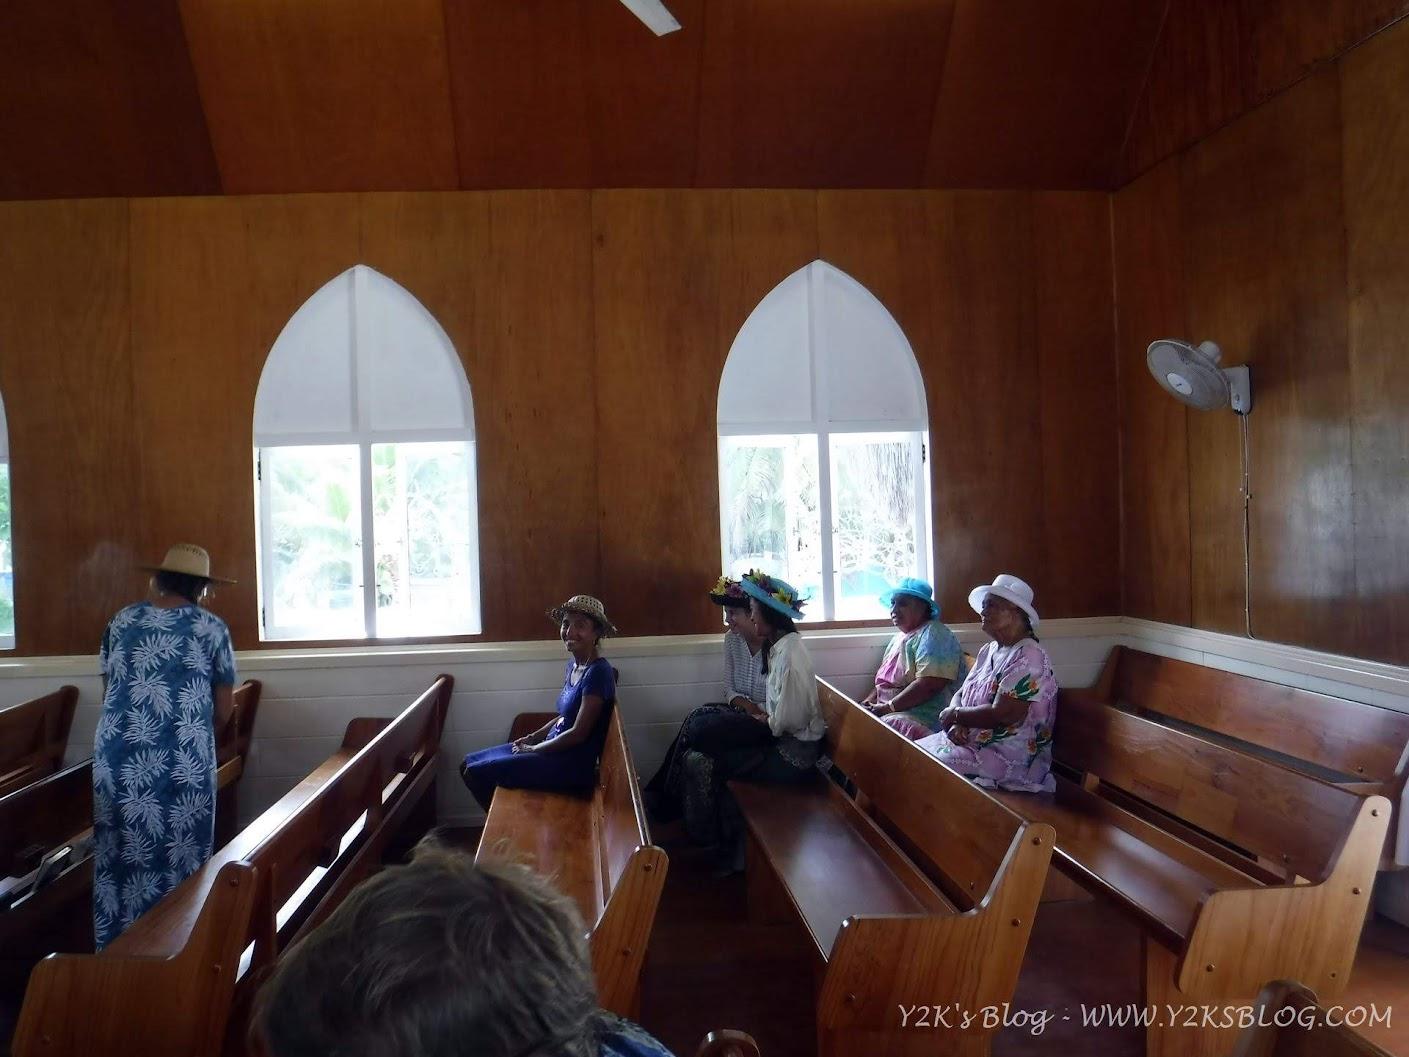 In chiesa - Palmerston